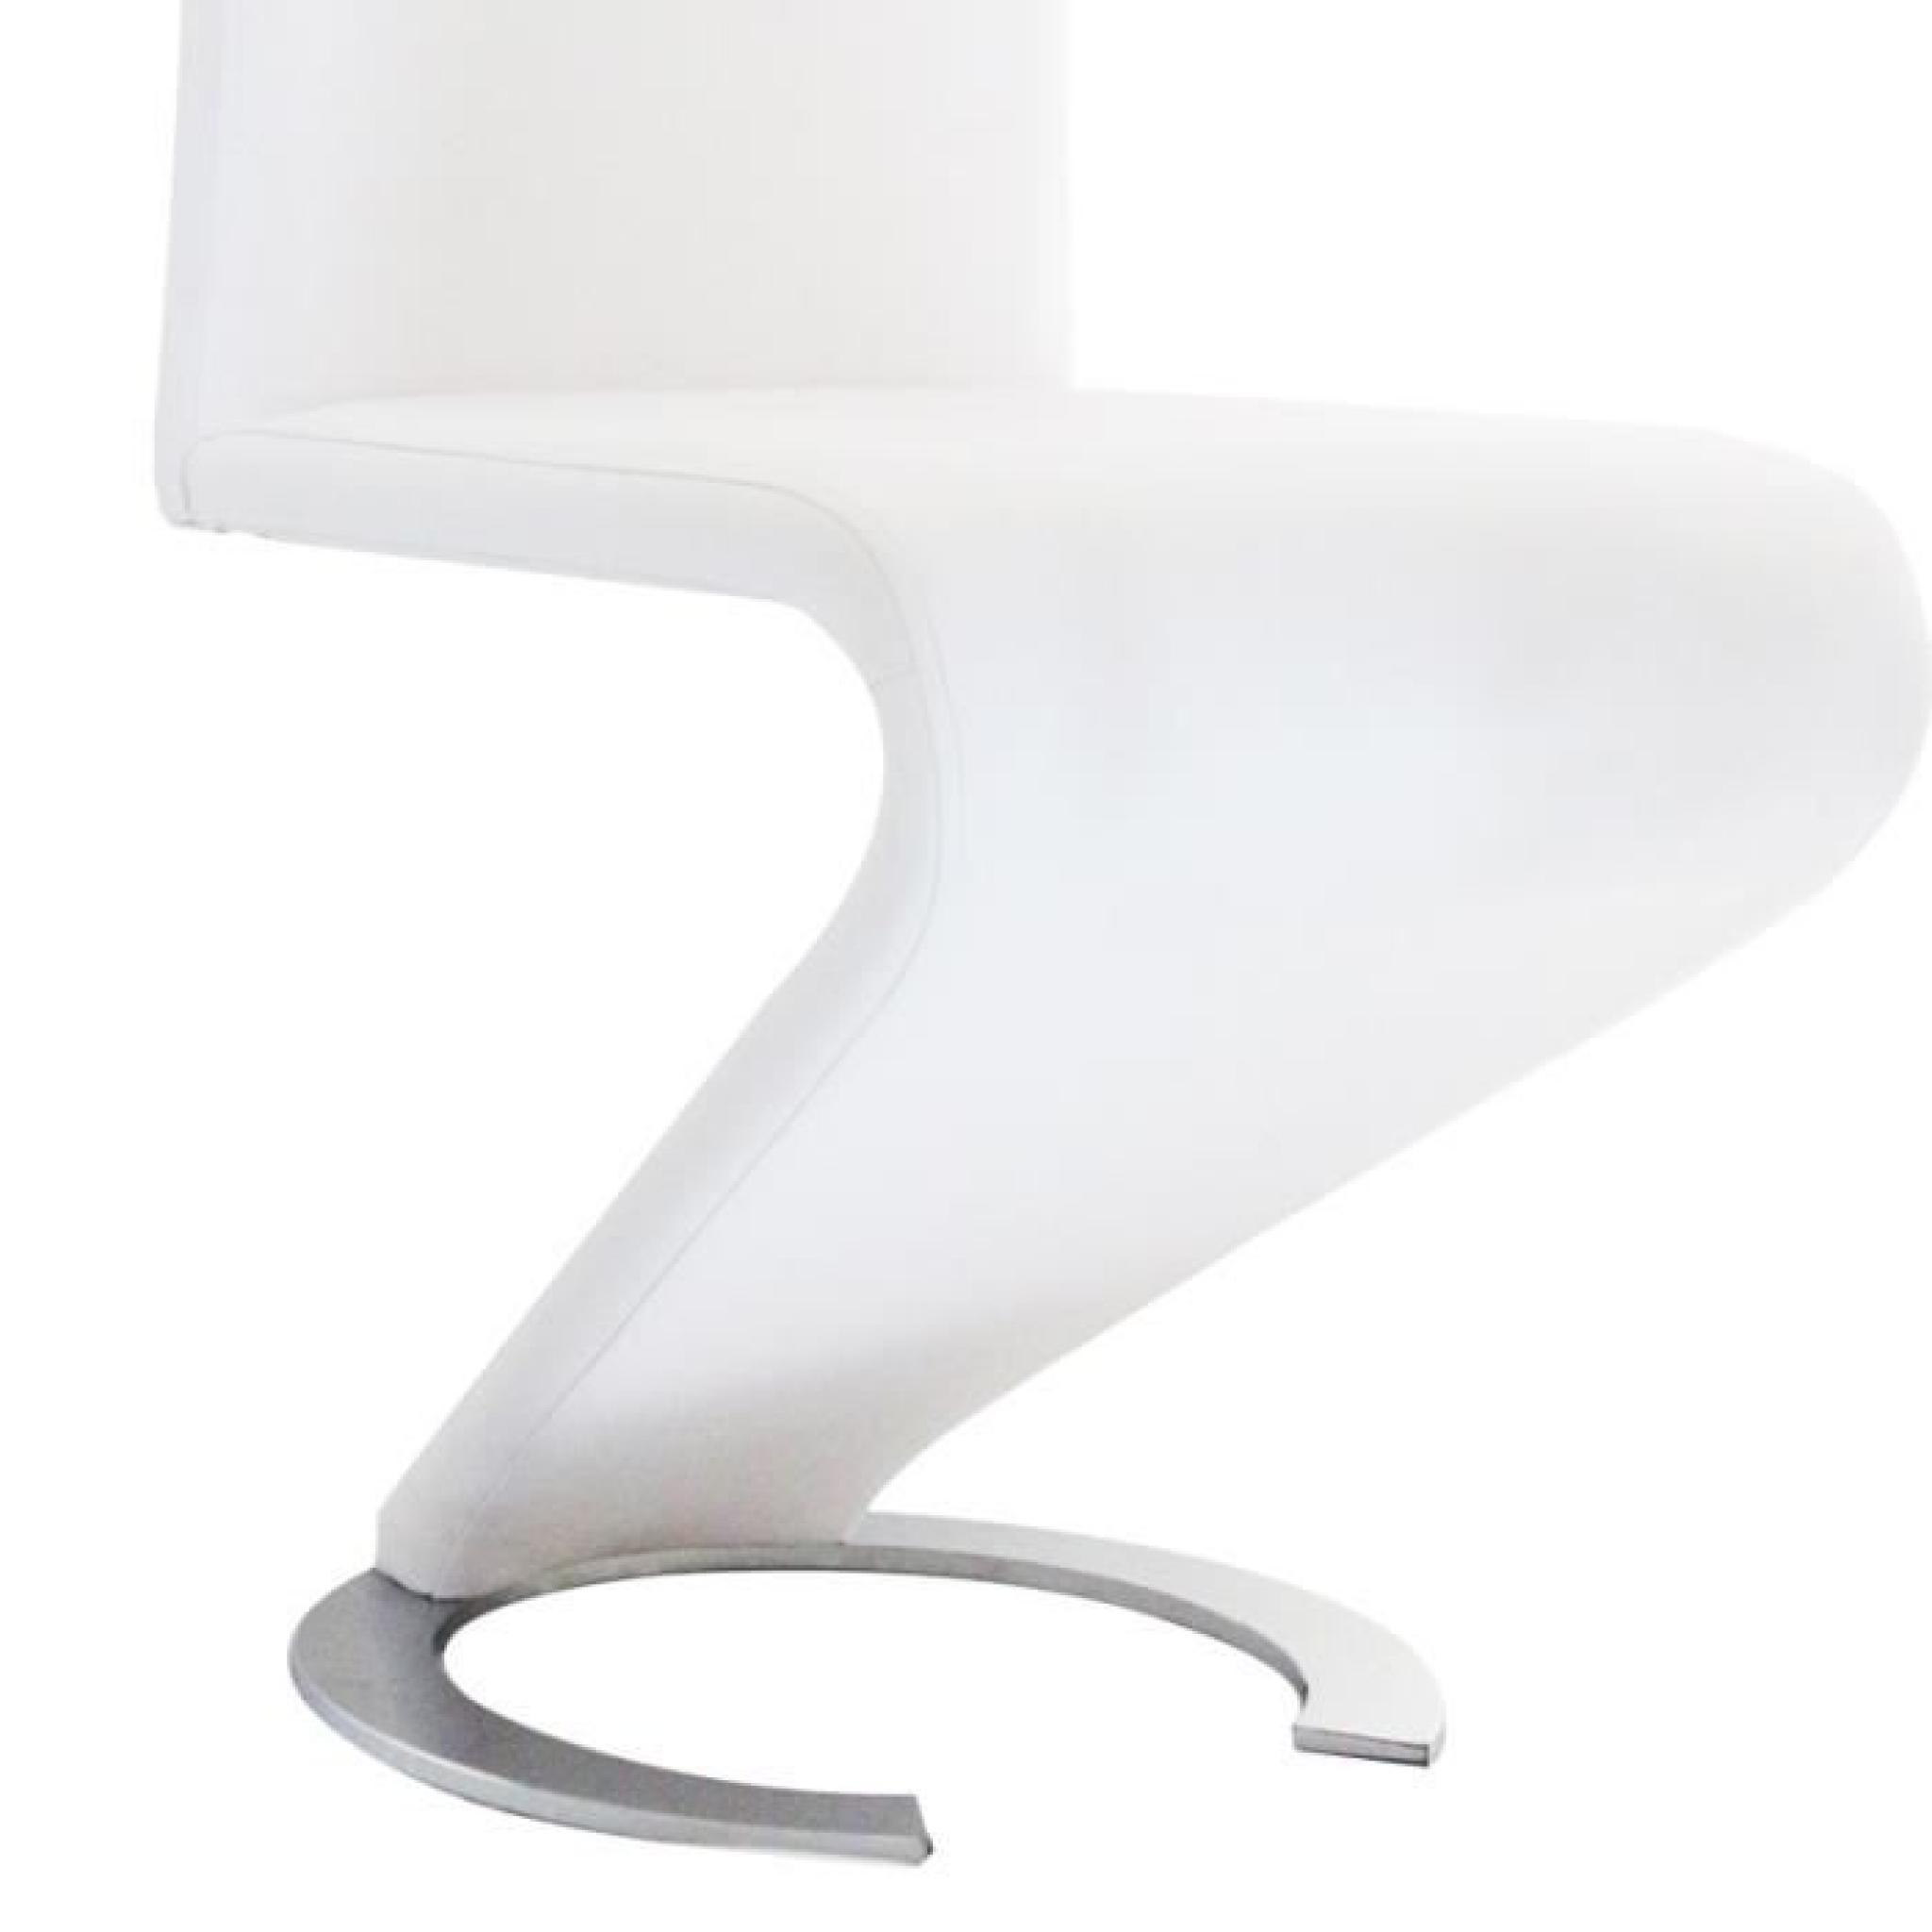 lot de 4 chaises blanche design hugo achat vente lit superpose pas cher couleur et. Black Bedroom Furniture Sets. Home Design Ideas